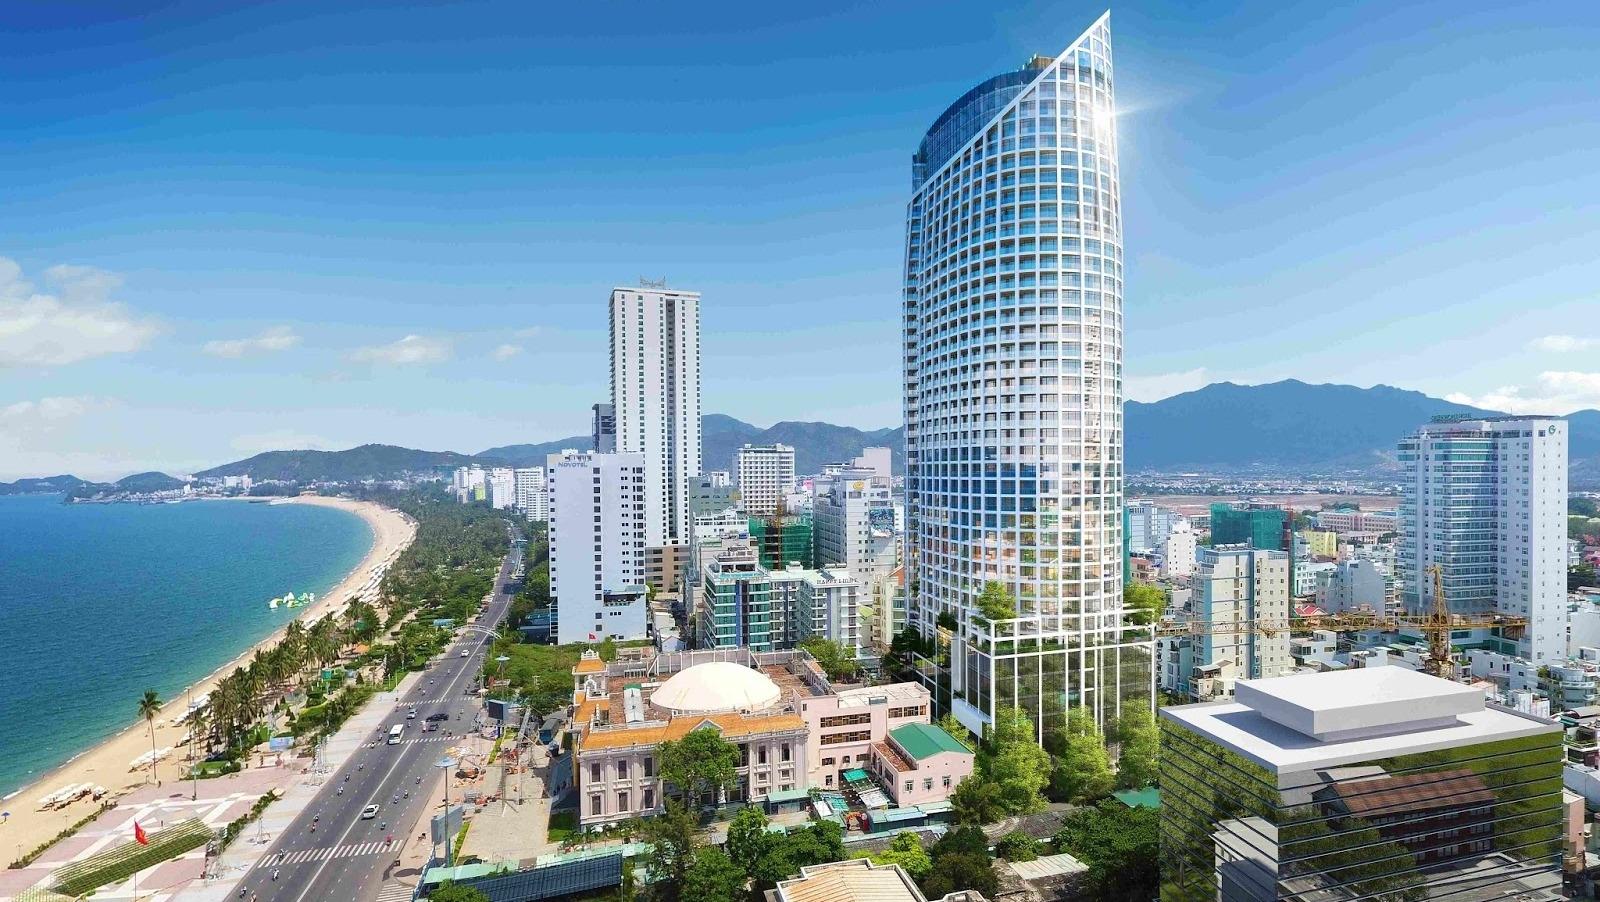 你該投資越南房地產嗎?越南房地產法規及交易方式總整理分析 下 @東南亞投資報告